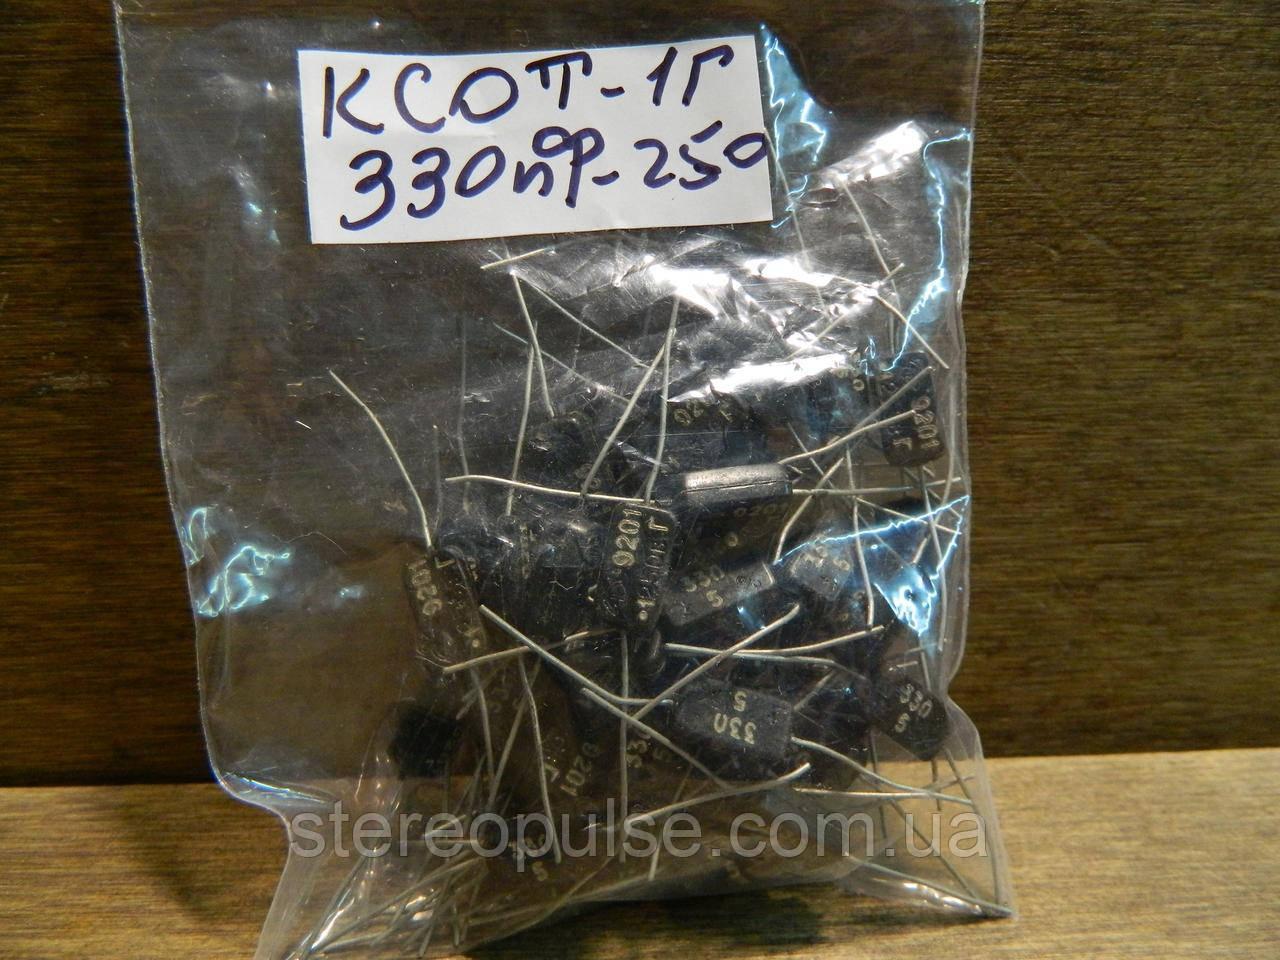 Конденсатор  КСОТ - 1Г  330 пкФ - 250 В  5%